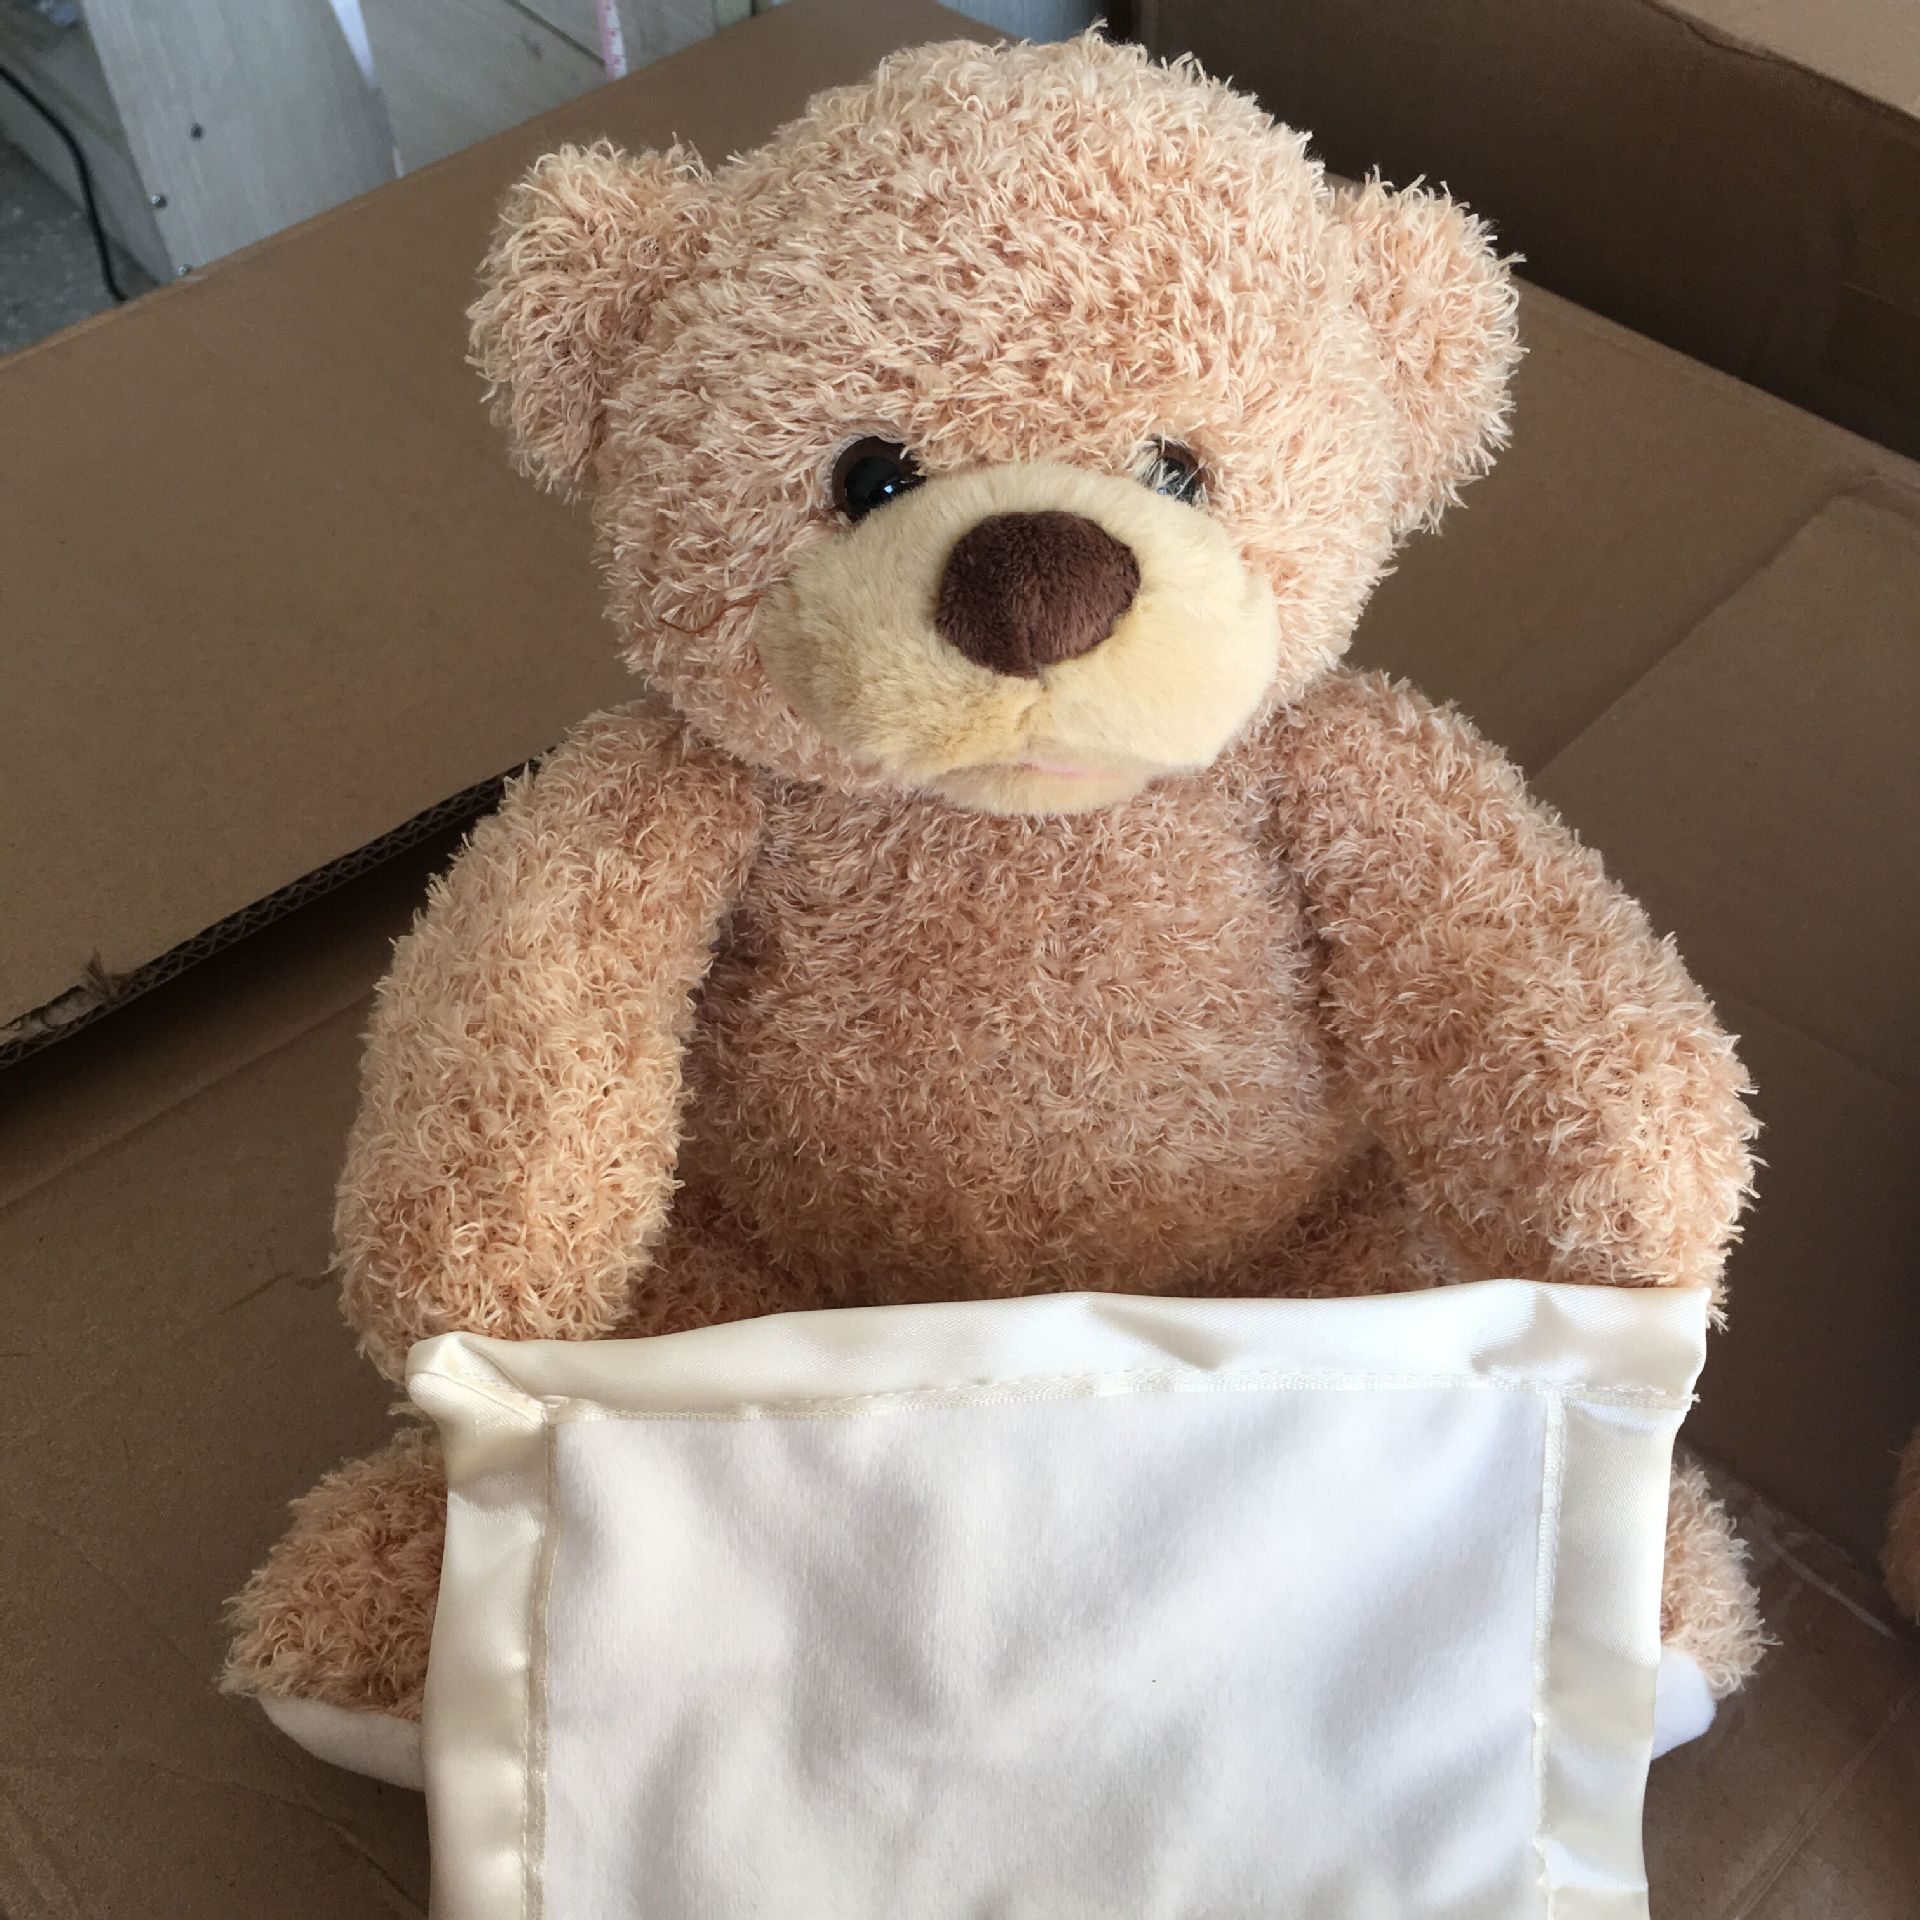 Búp bê vải Nhà sản xuất mô hình vụ nổ Gấu Mỹ Amazon peekaboo sẽ nói chuyện để di chuyển gấu bông đồ